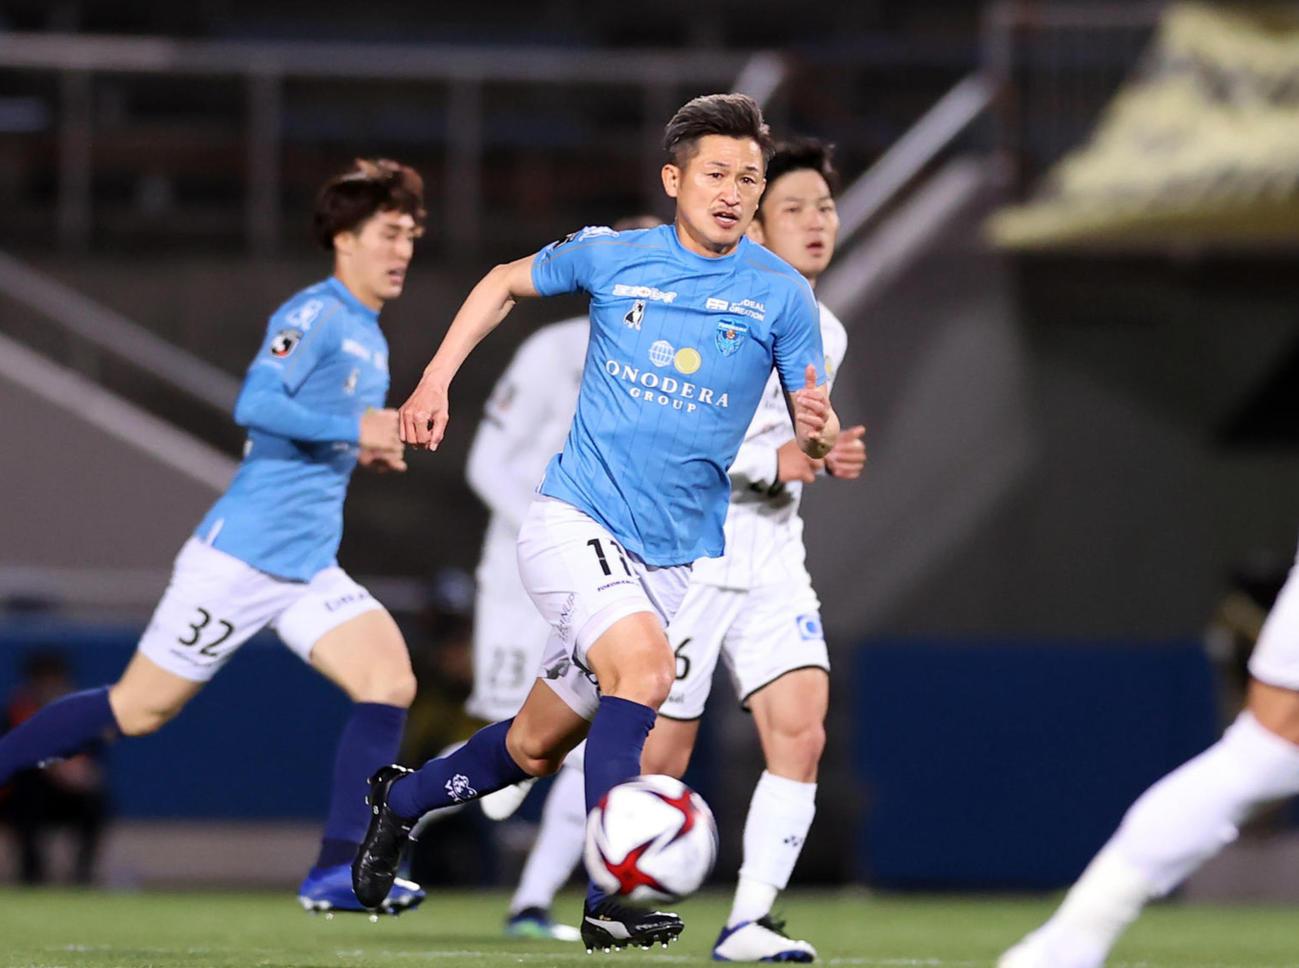 横浜FCカズ(2021年4月28日撮影)